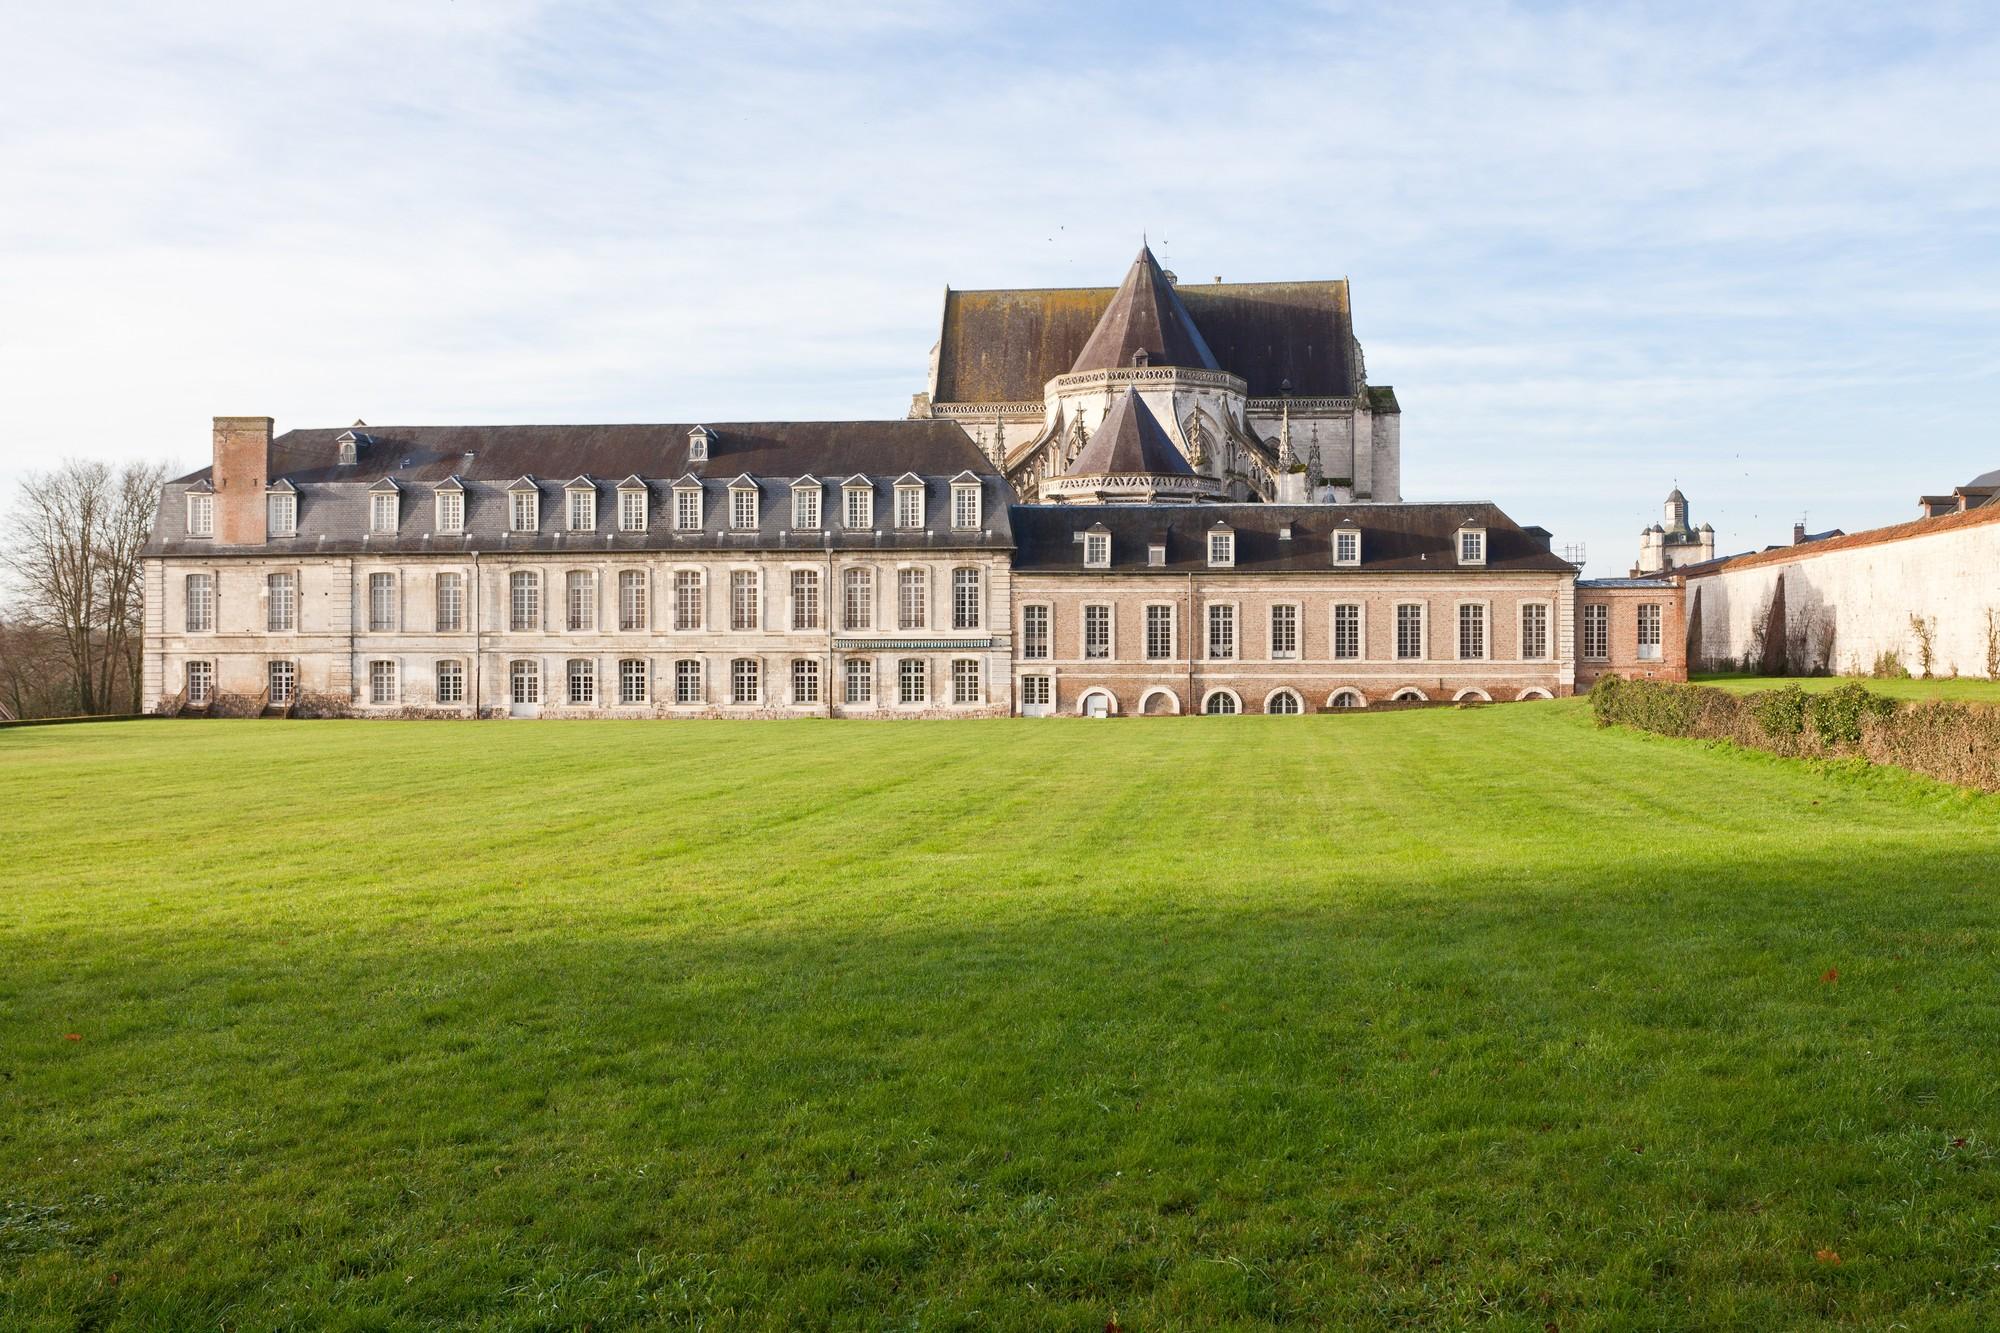 PCUPIC0800030020_Abbaye royale de St Riquier-Centre culturel de Rencontres_ext_St Riquier_Somme_Picardie